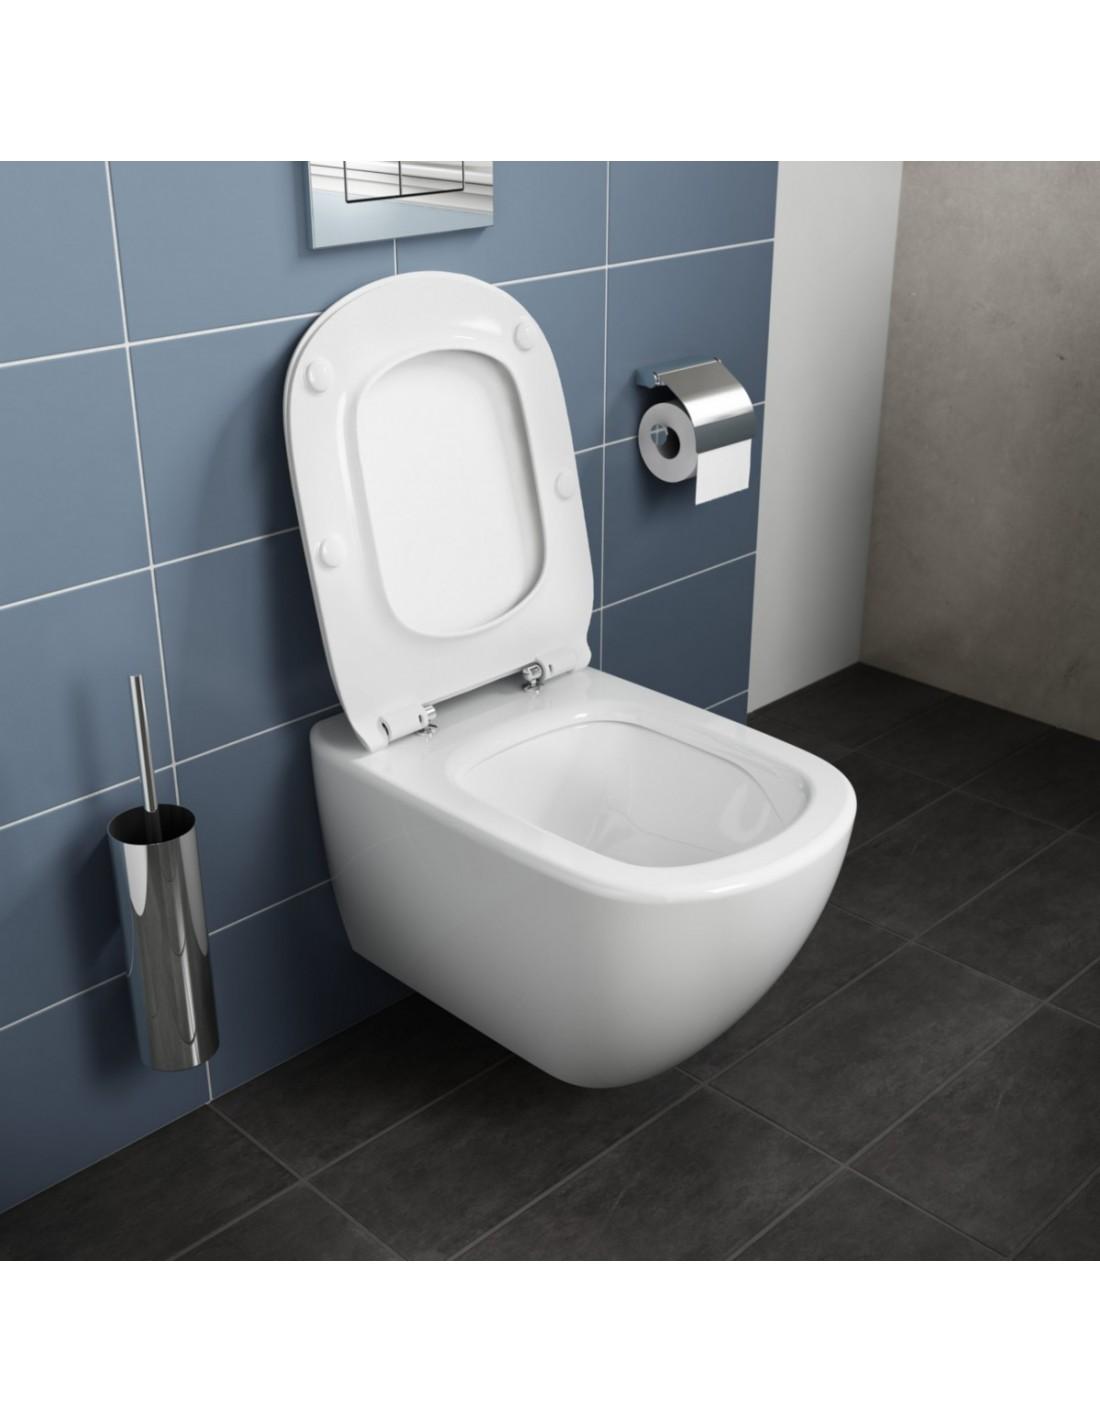 Cuvette supendue tesi aquablade ideal standard - Cuvette wc suspendu ideal standard ...